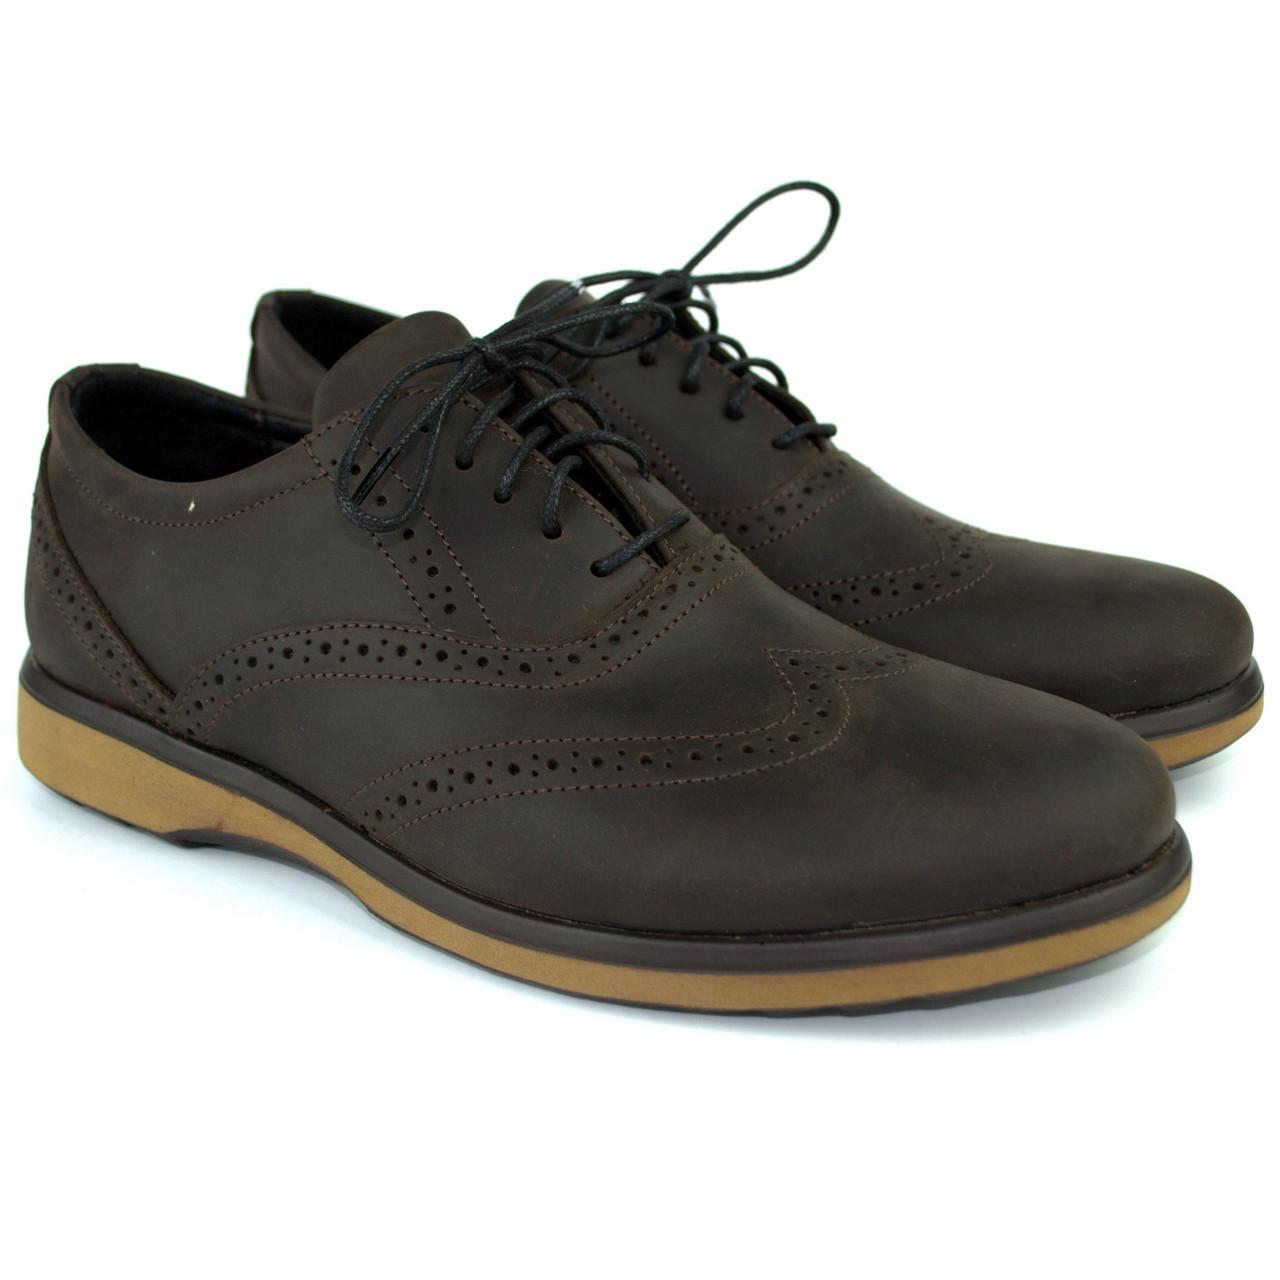 Коричневые туфли мужские оксфорды броги кожаные Rosso Avangard Rizzi Brown демисезонные